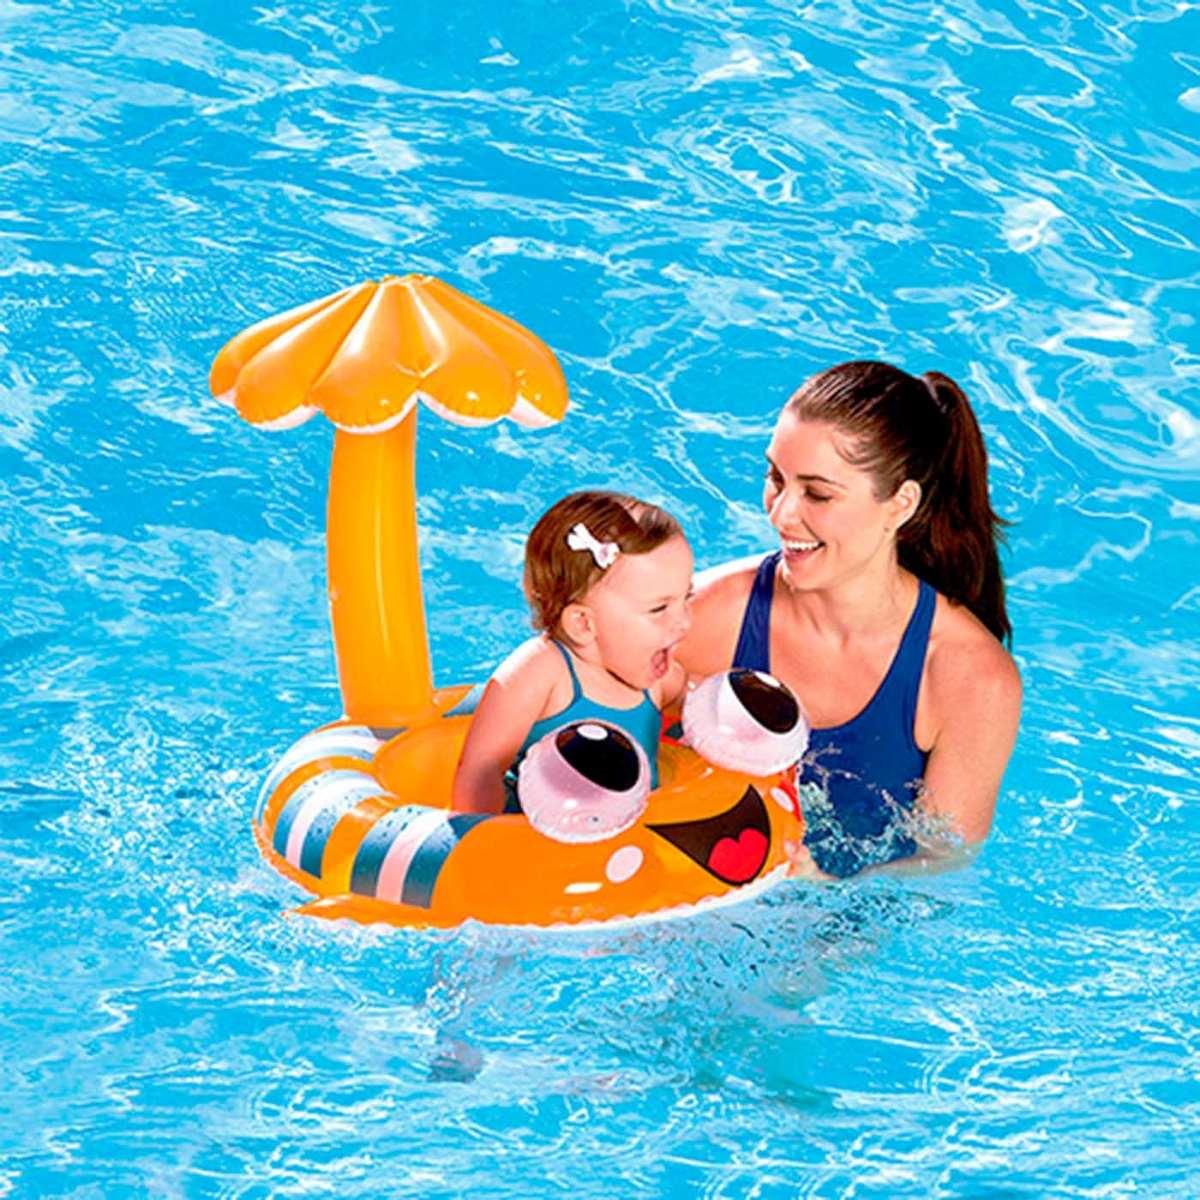 Boia beb nemo infl vel cobertura prote solar piscina for Piscina p bebe